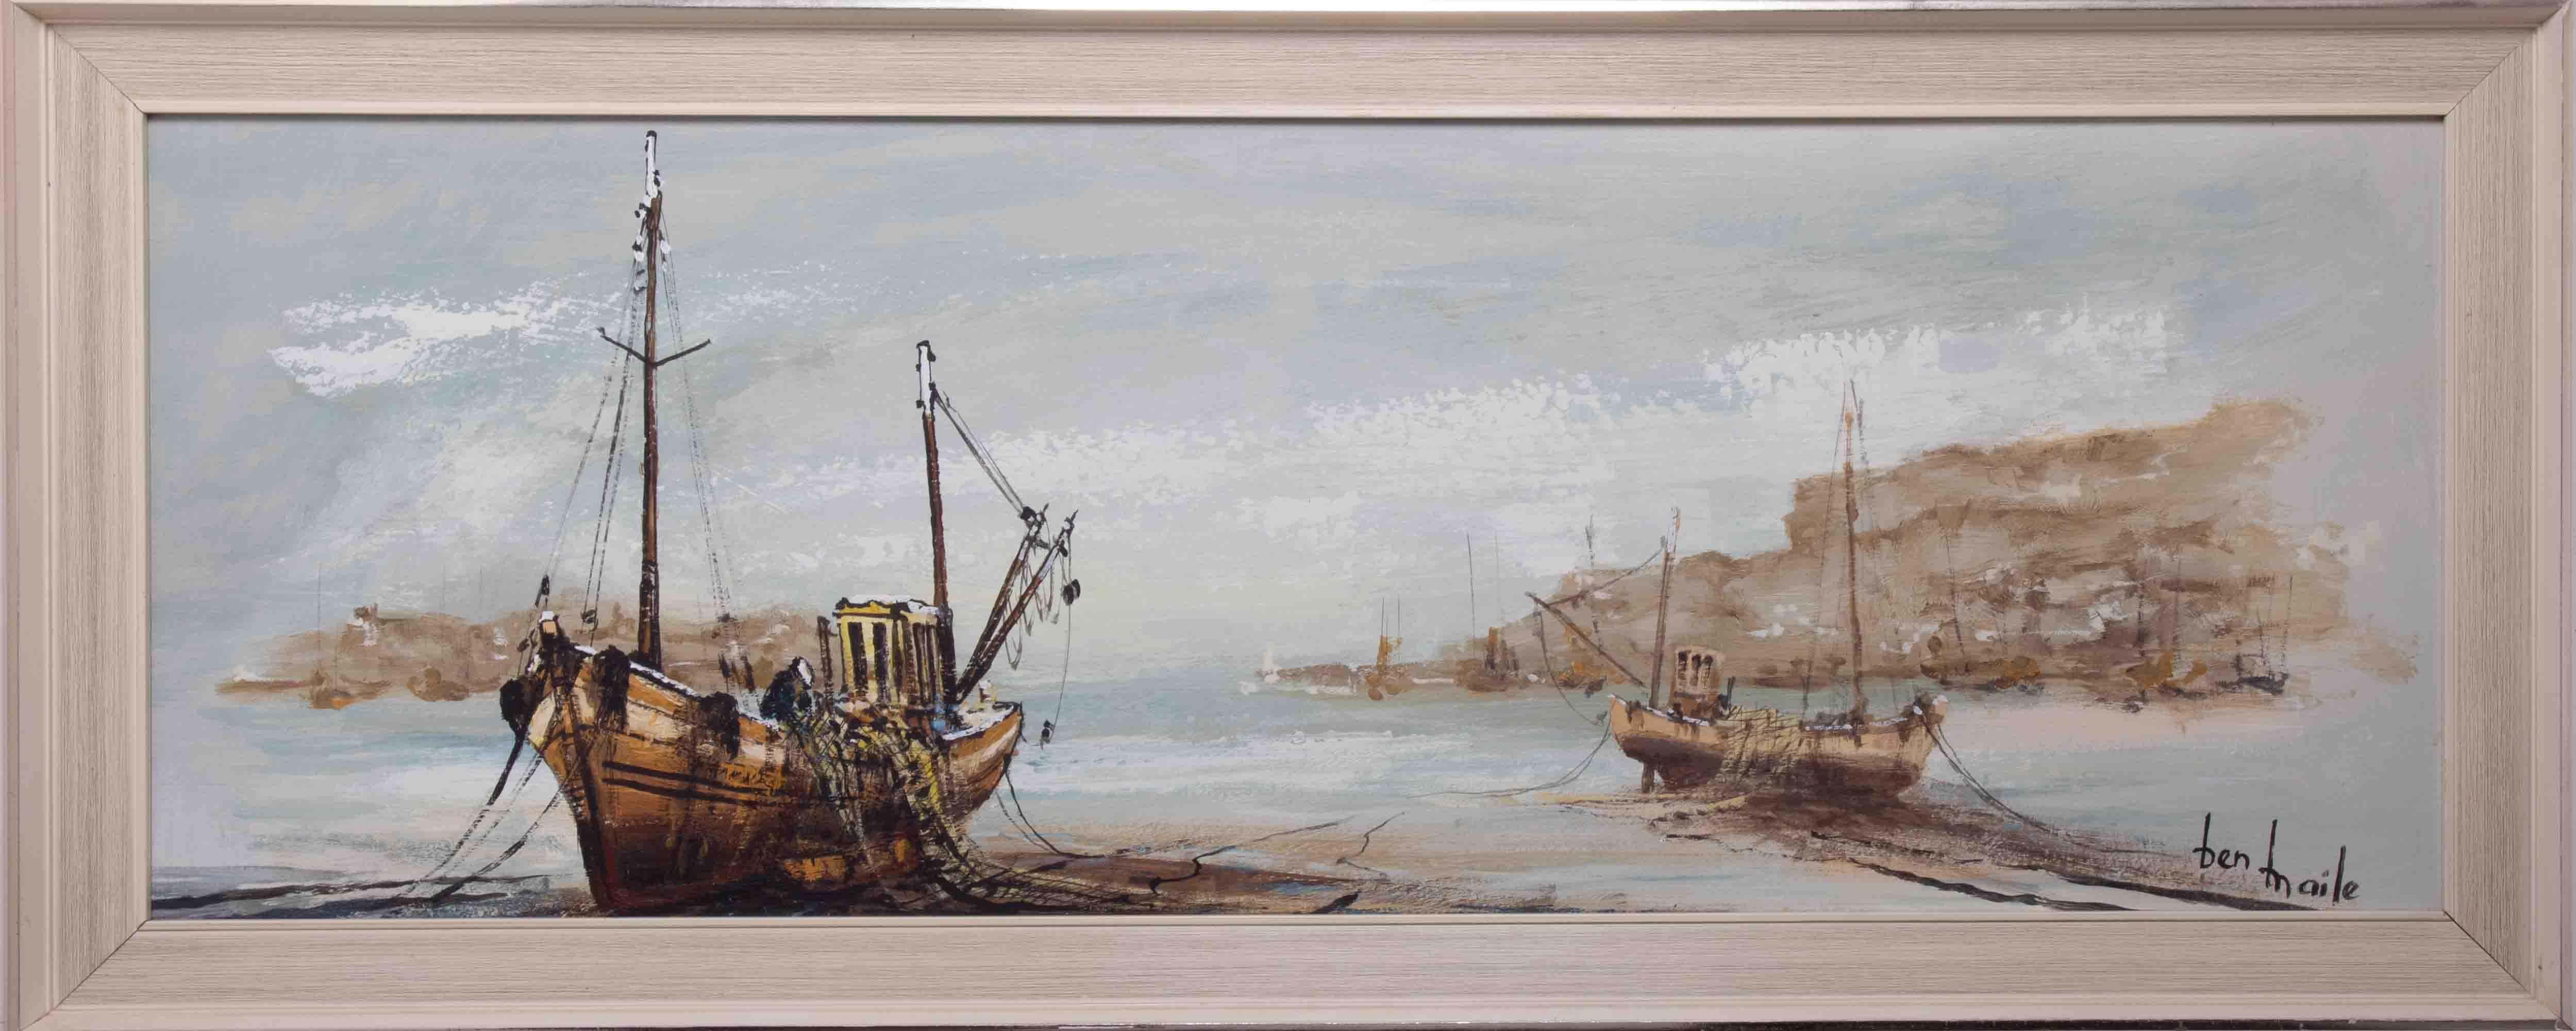 Ben Maile (1922-2017), 'Boats' oil on board, signed, 28cm x 82cm, framed.